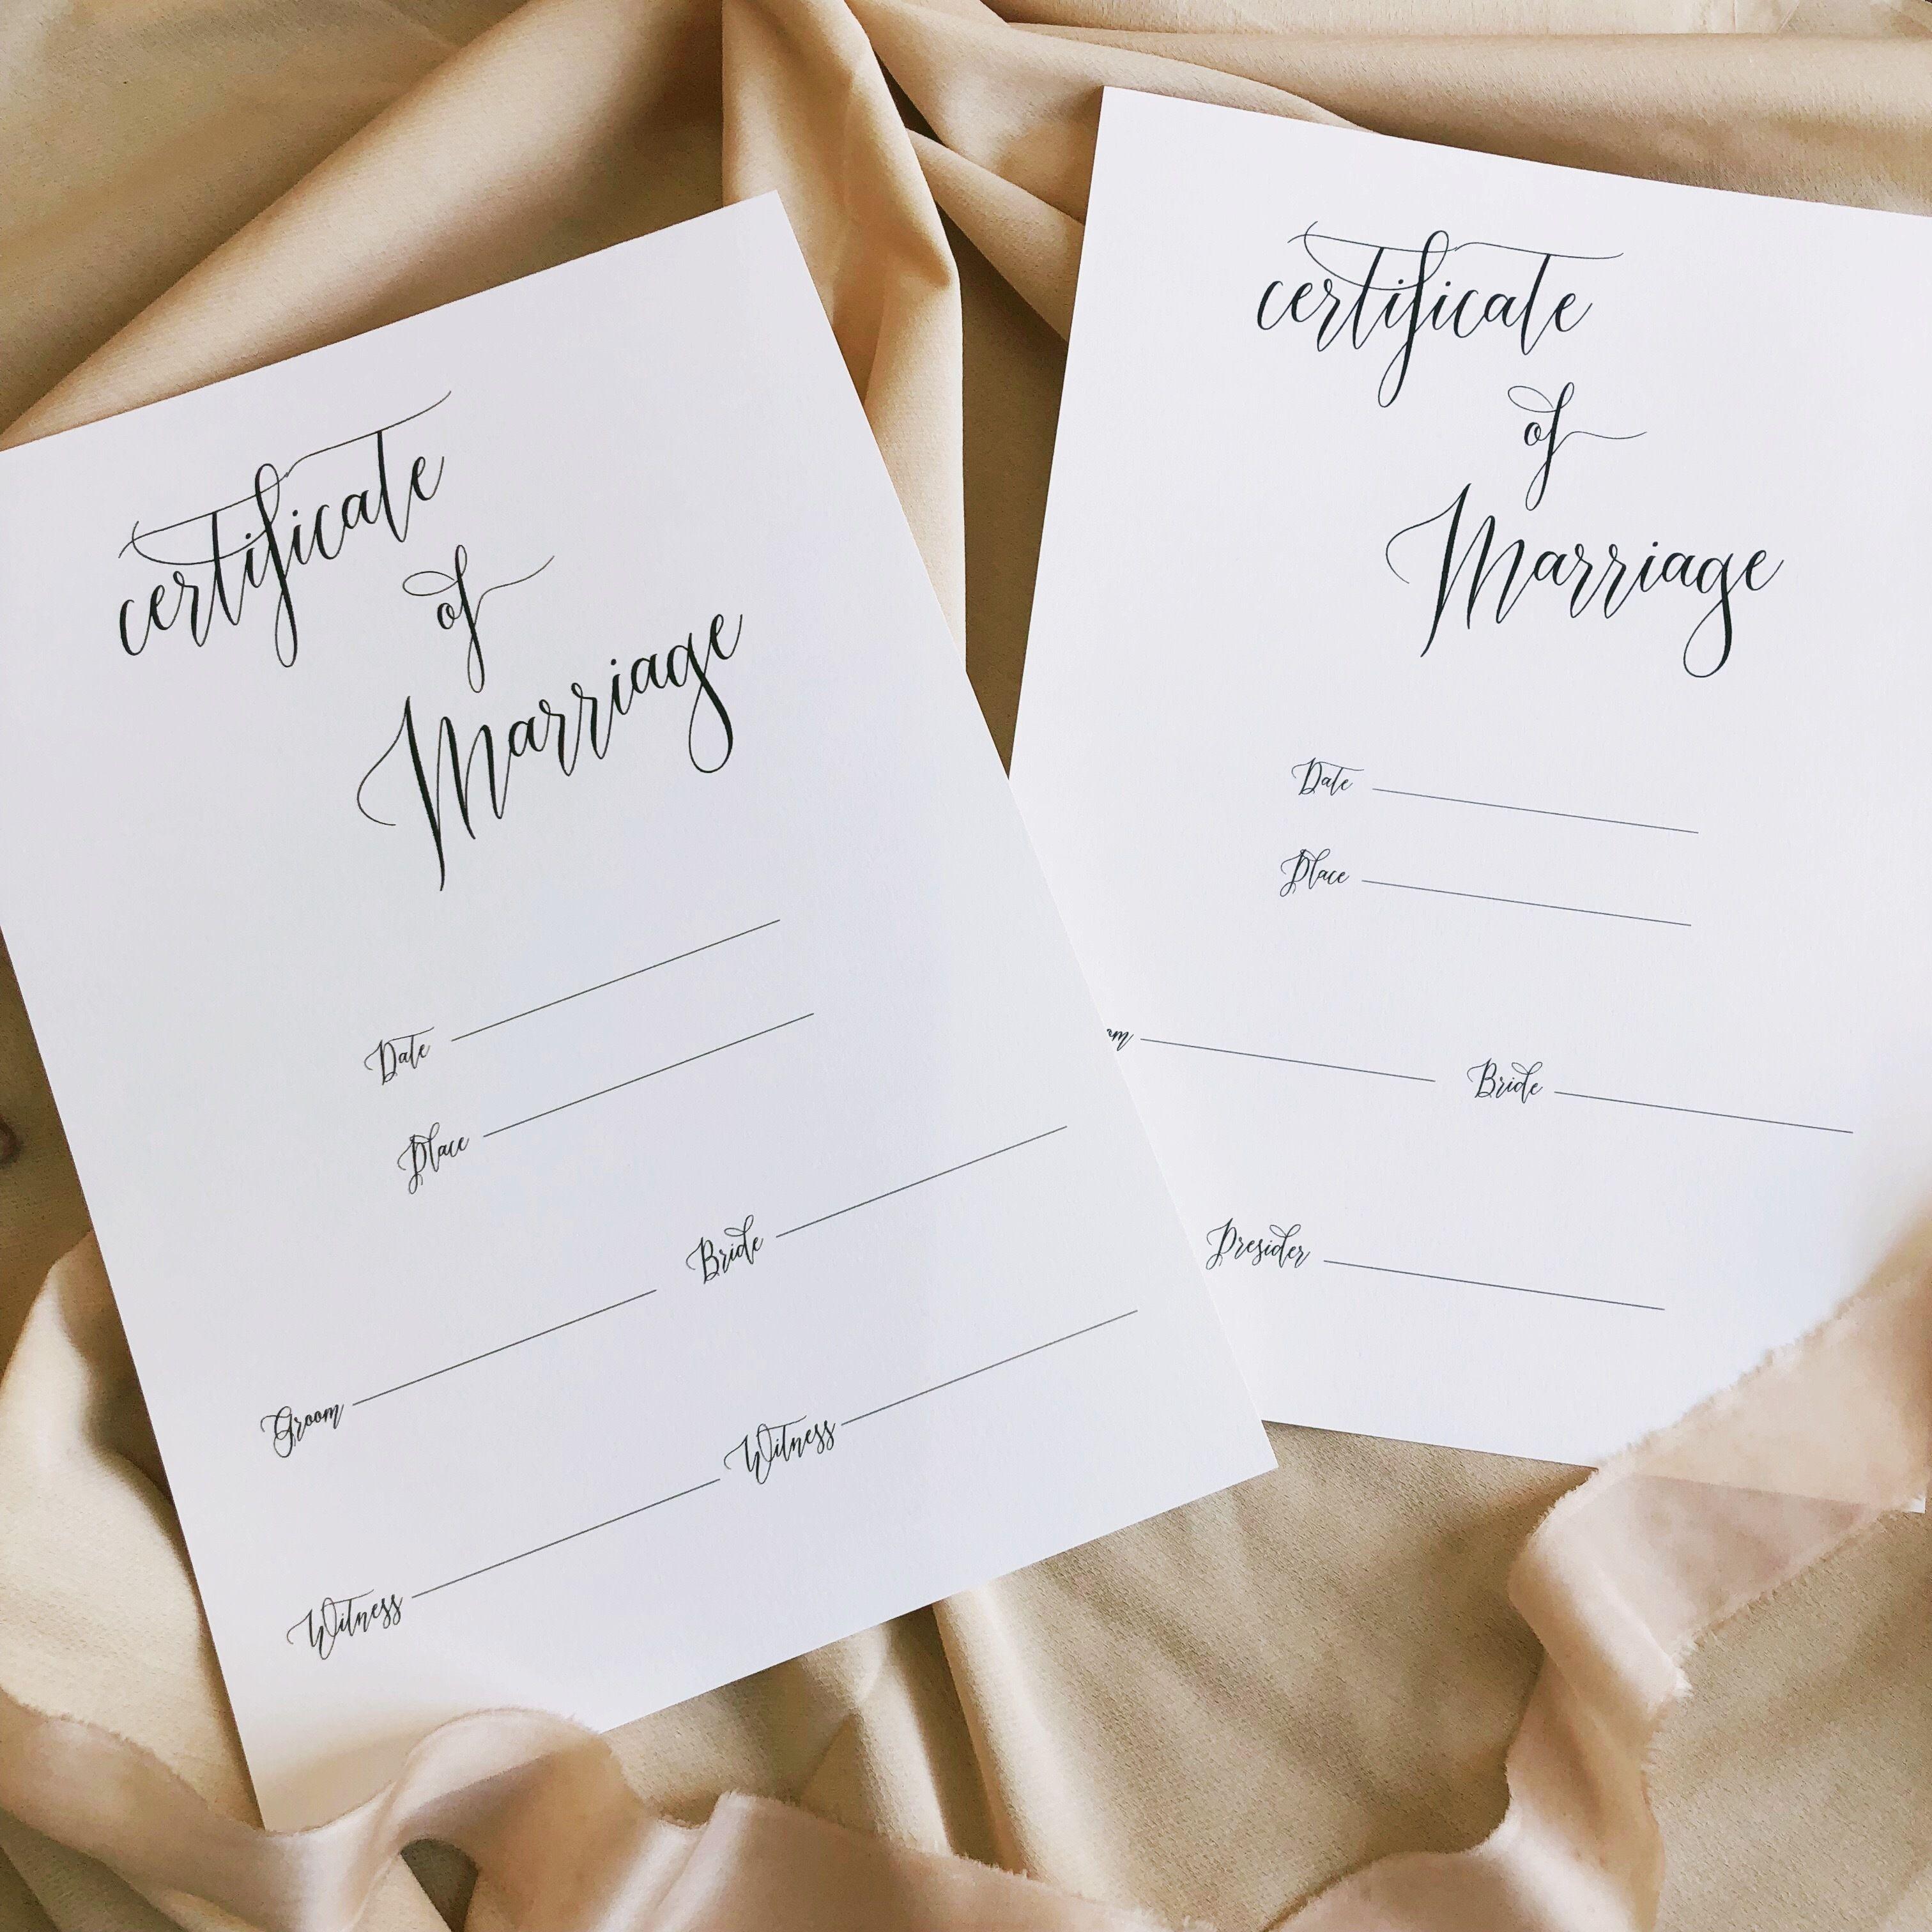 結婚証明書#2